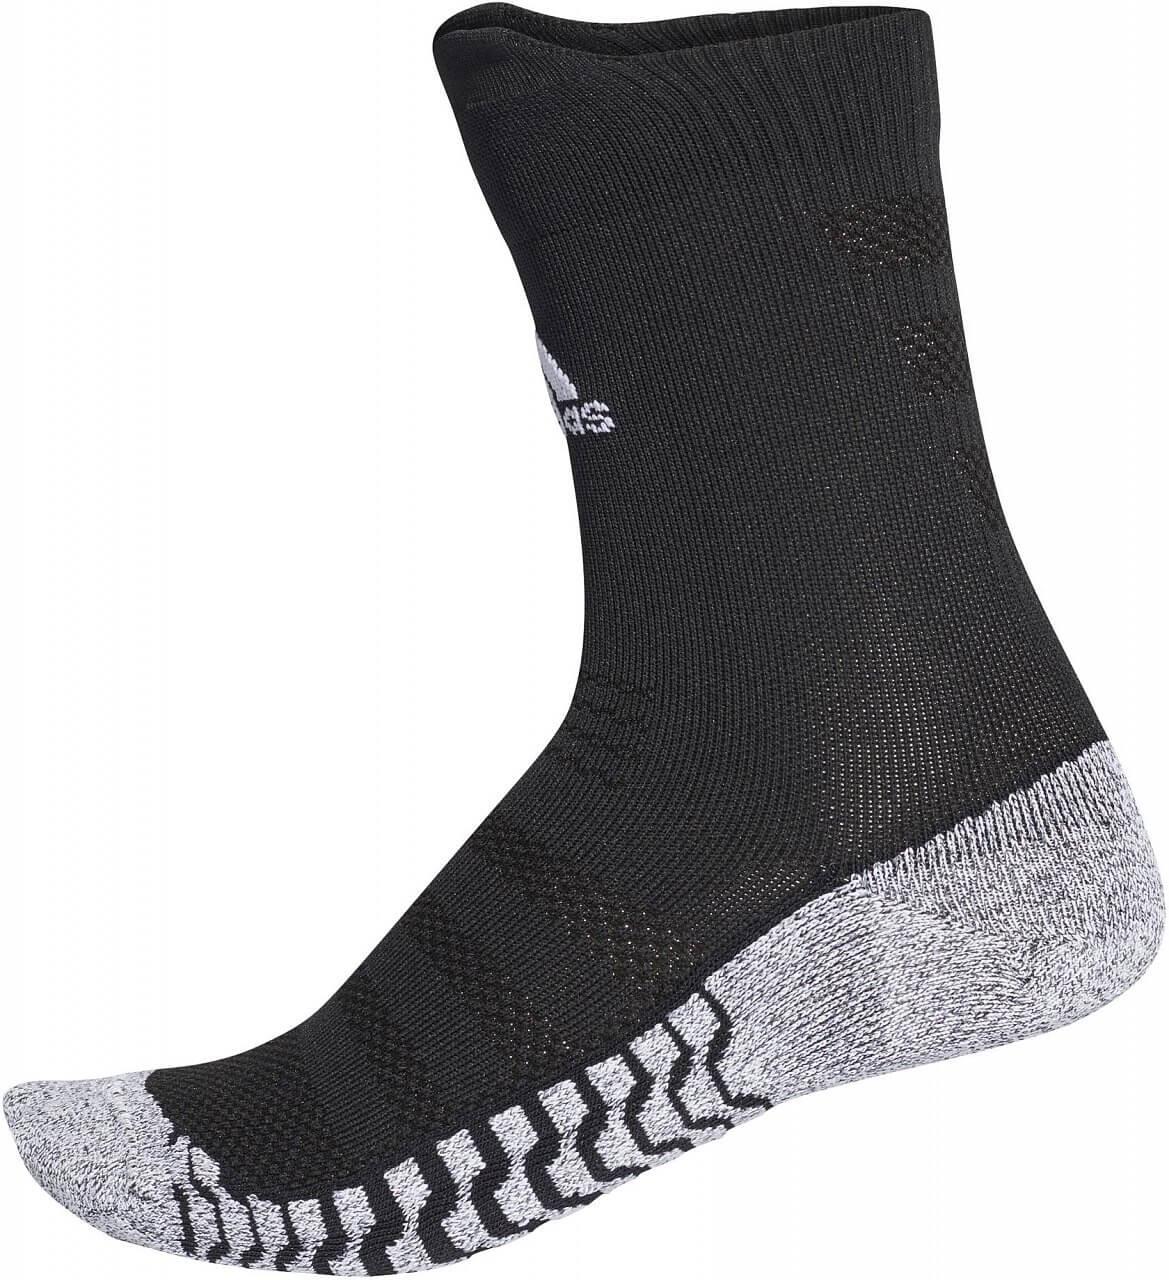 Sportovní ponožky adidas Alphaskin Traxion Crew Ultralight  Socks